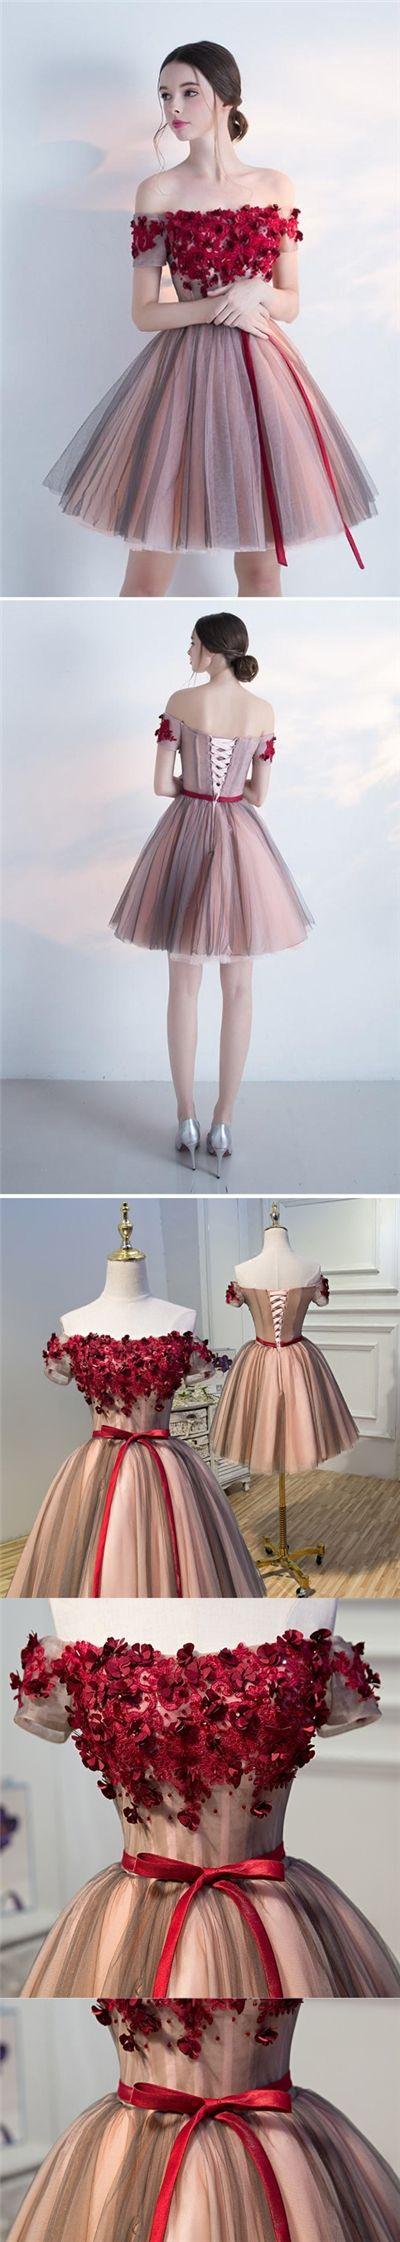 2017 Homecoming Dress Burgundy Hand-Made Flower Short Prom Dress Party Dress JK196